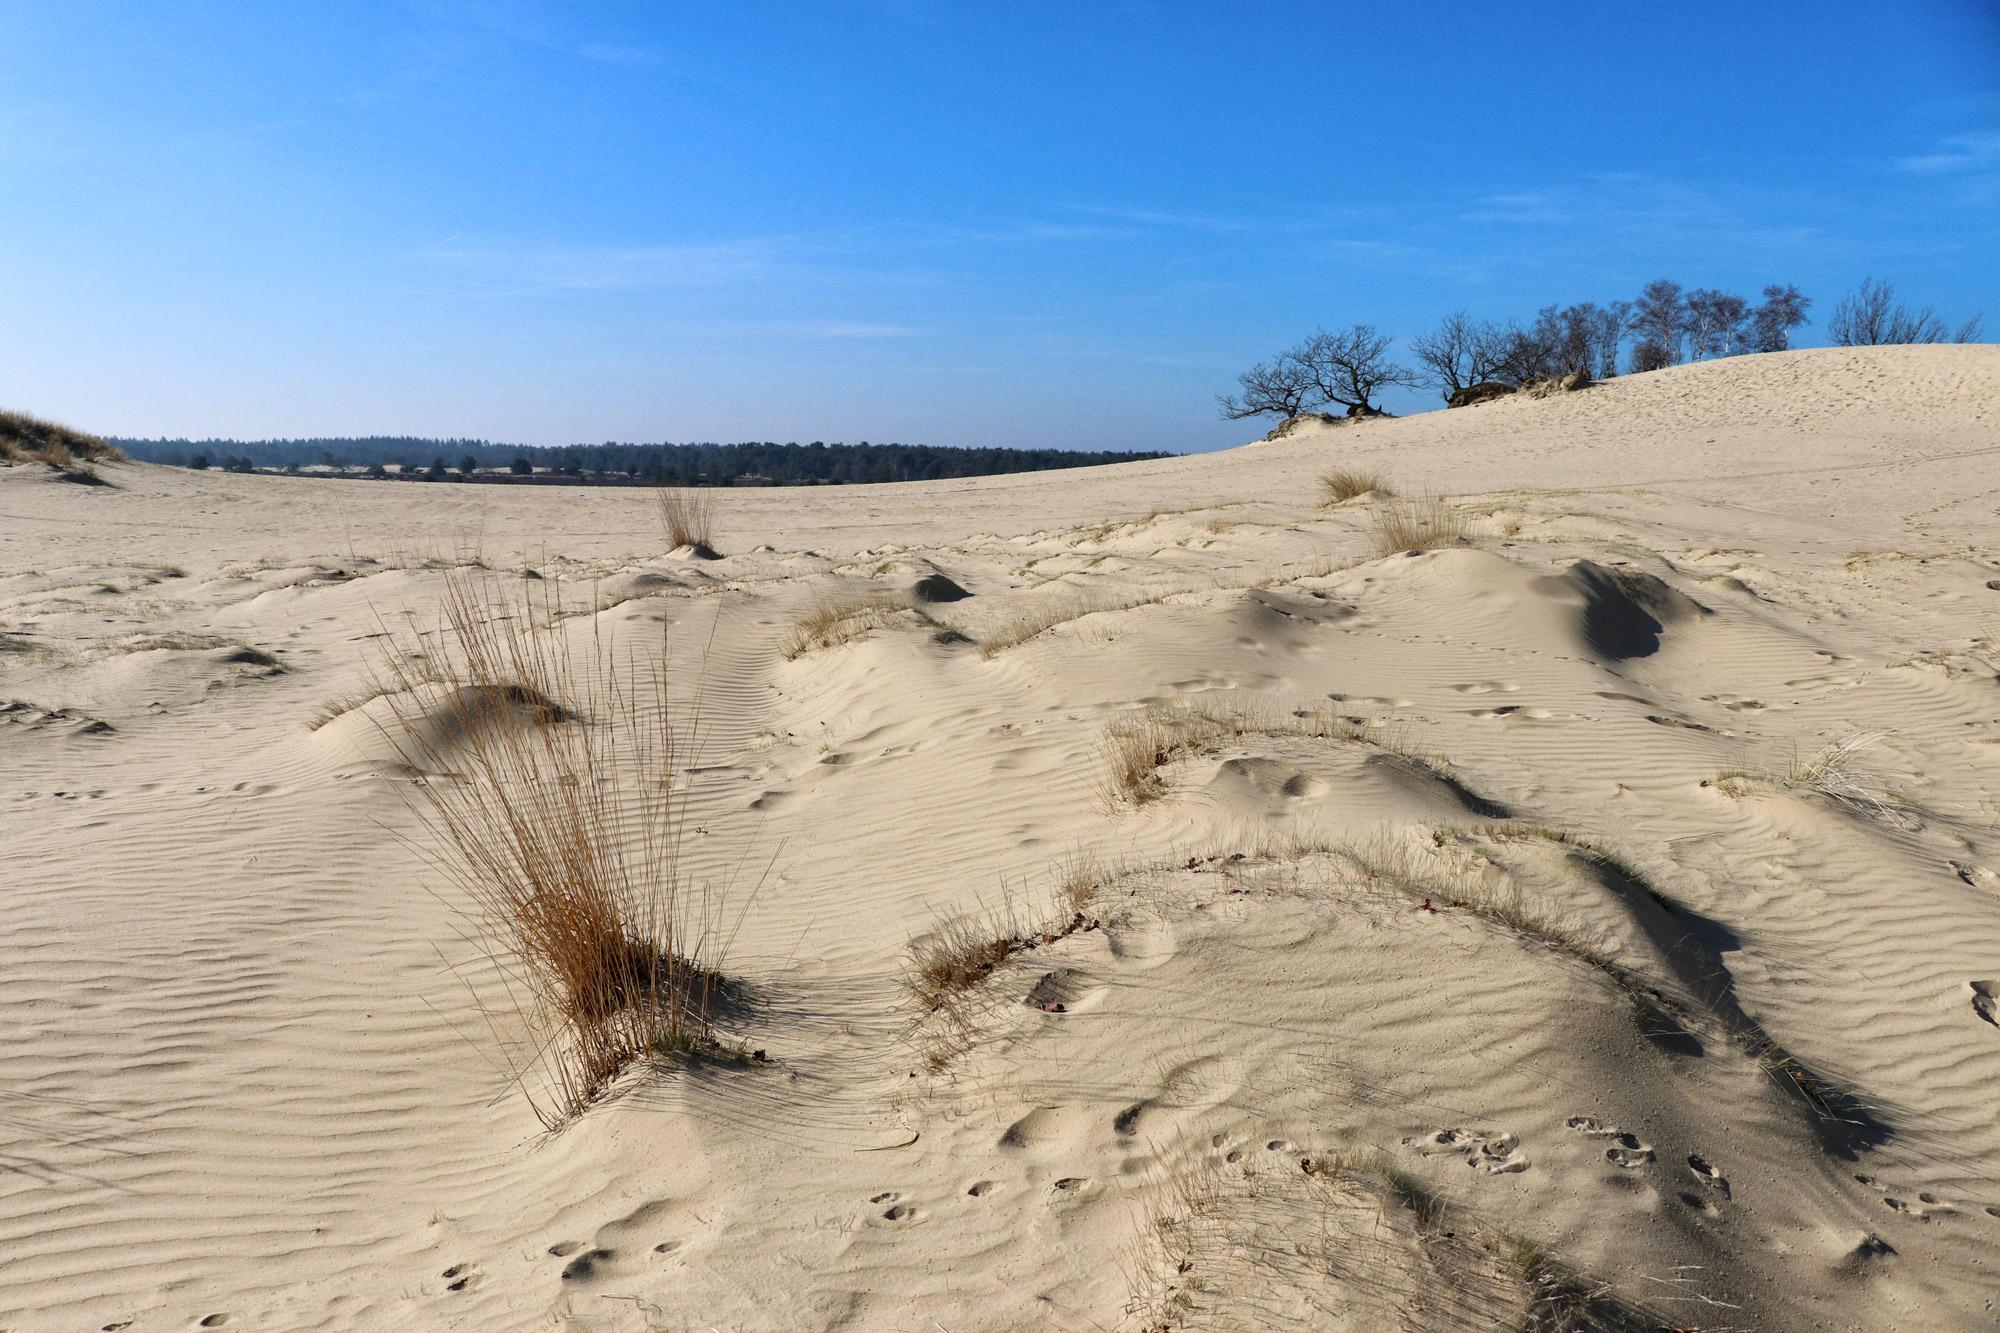 Foto van de maand: Februari 2019 - Nationaal Park De Loonse en Drunense Duinen